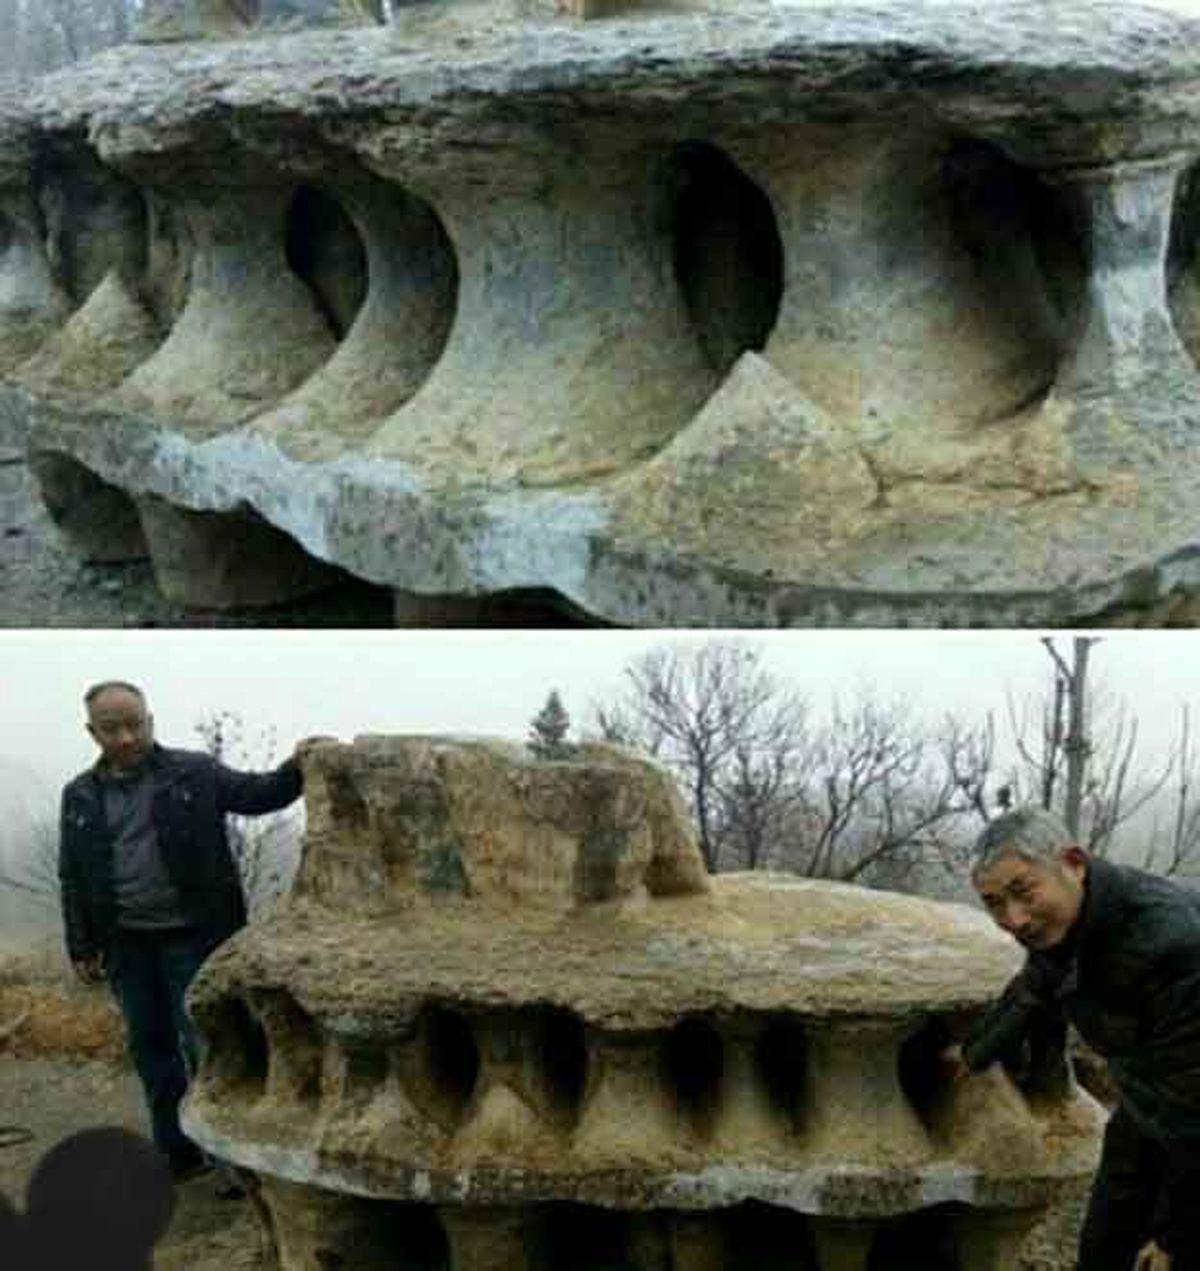 کشف صخرهایی عجیب به شکل سفینه فضایی